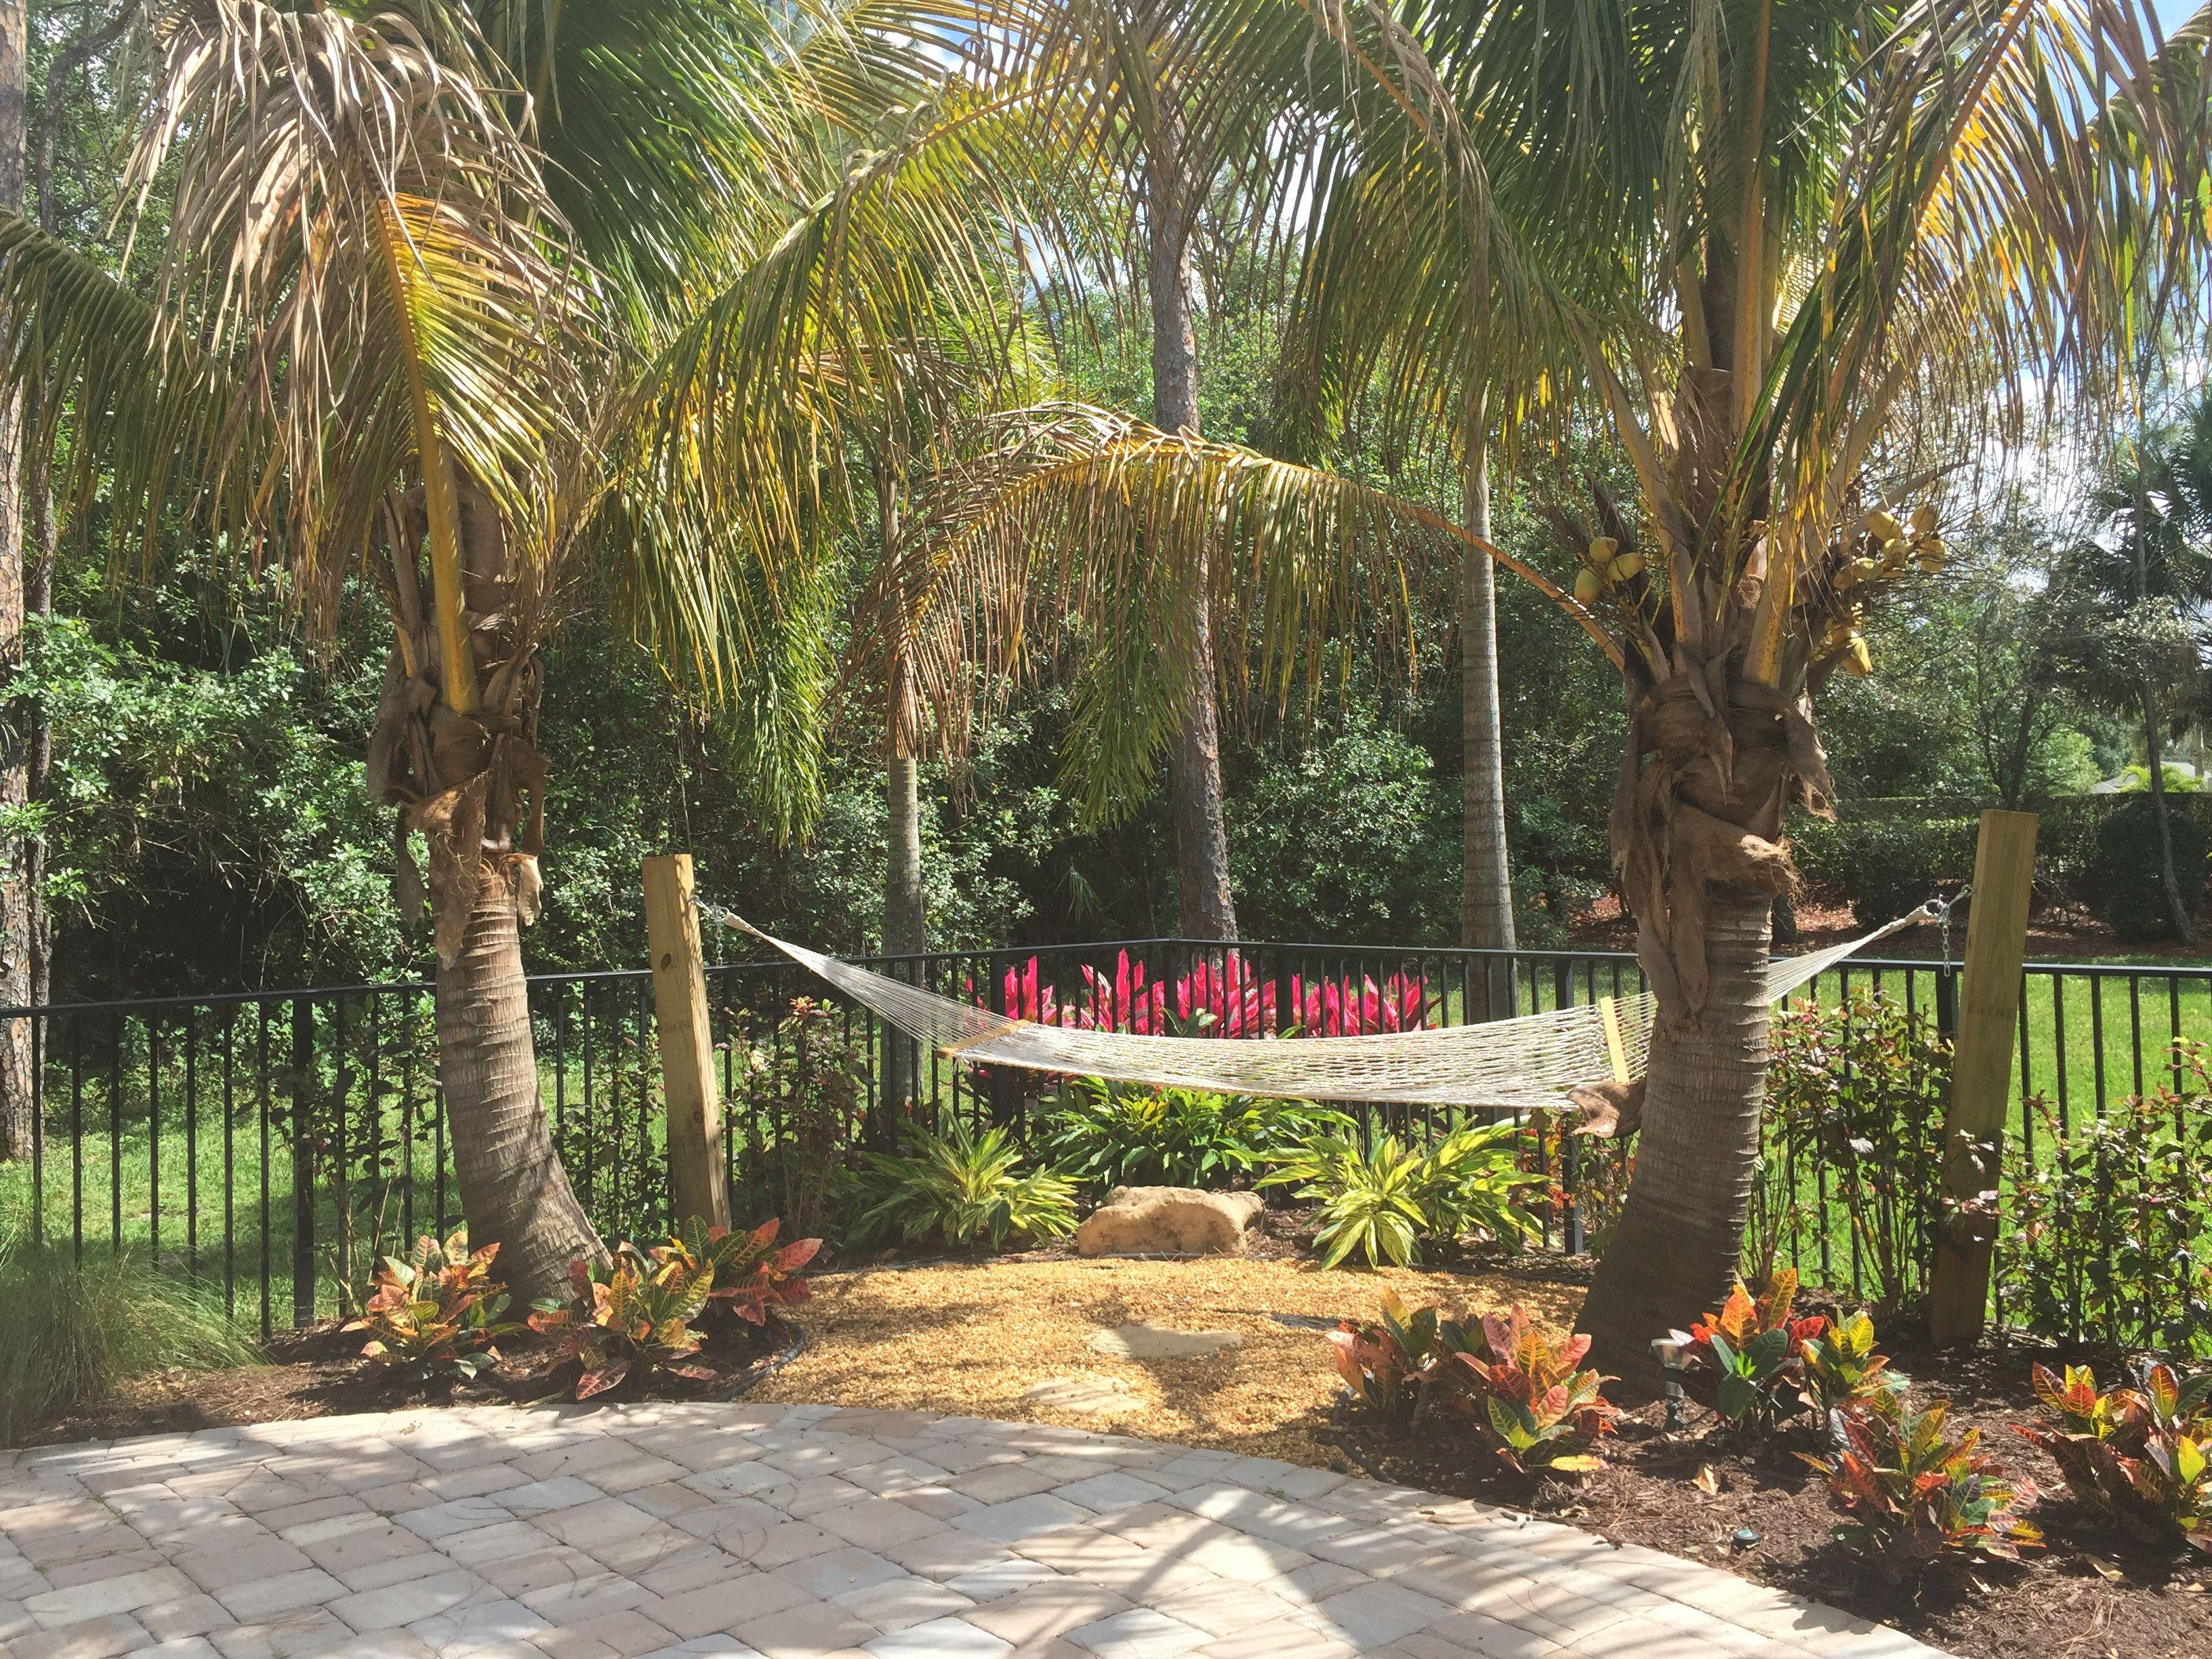 Hammock between Coconut Palms | Tropical Garden Design | Pinterest ...